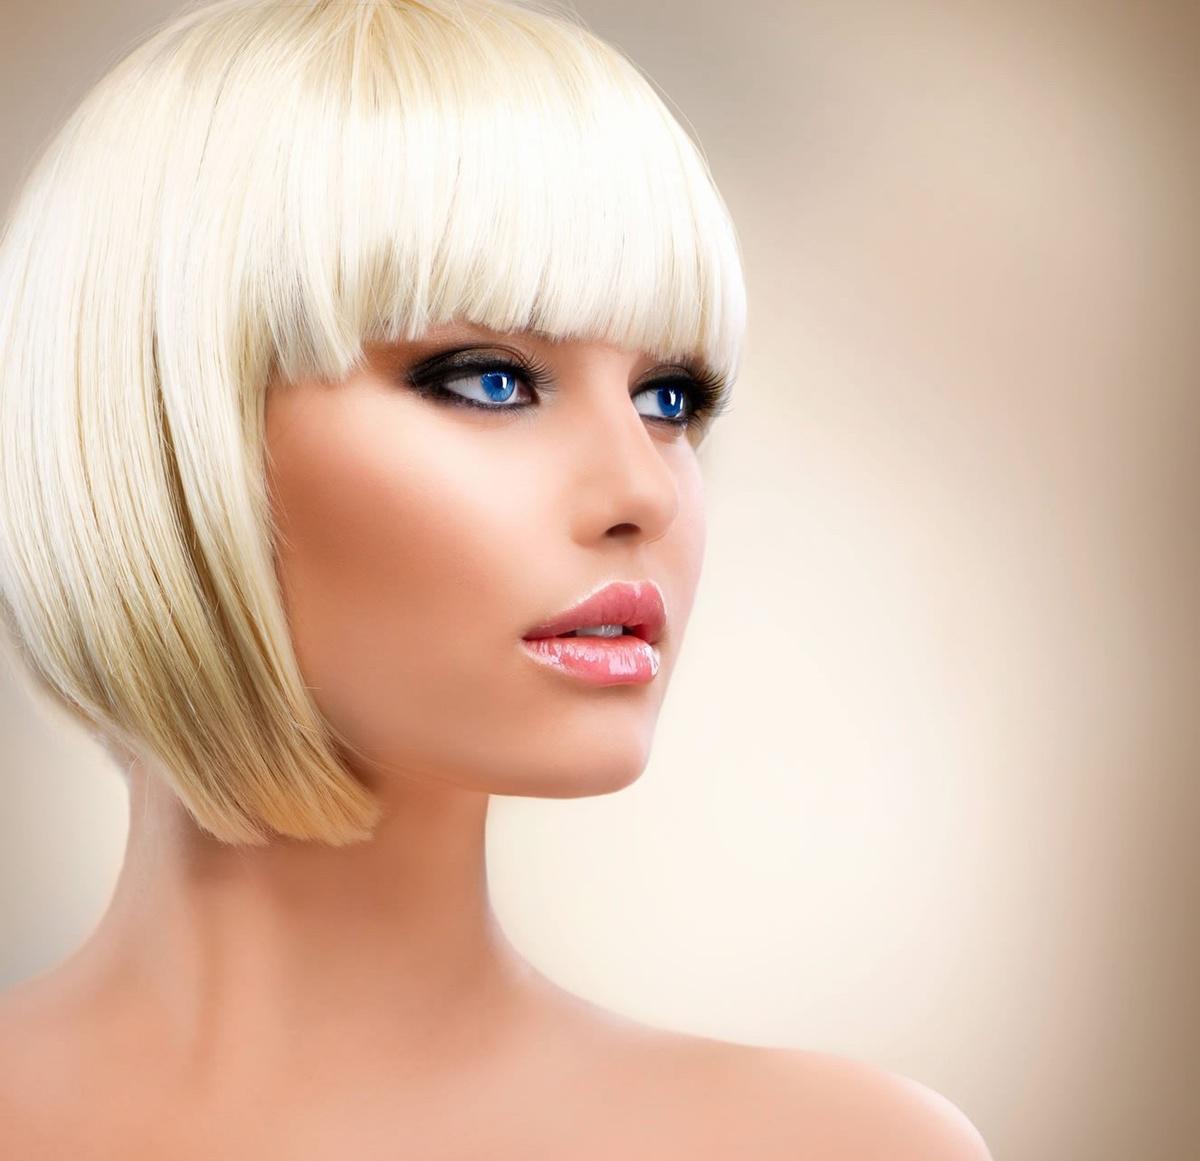 image33-15 | Модные женские стрижки на короткие волосы: основные правила и варианты исполнения